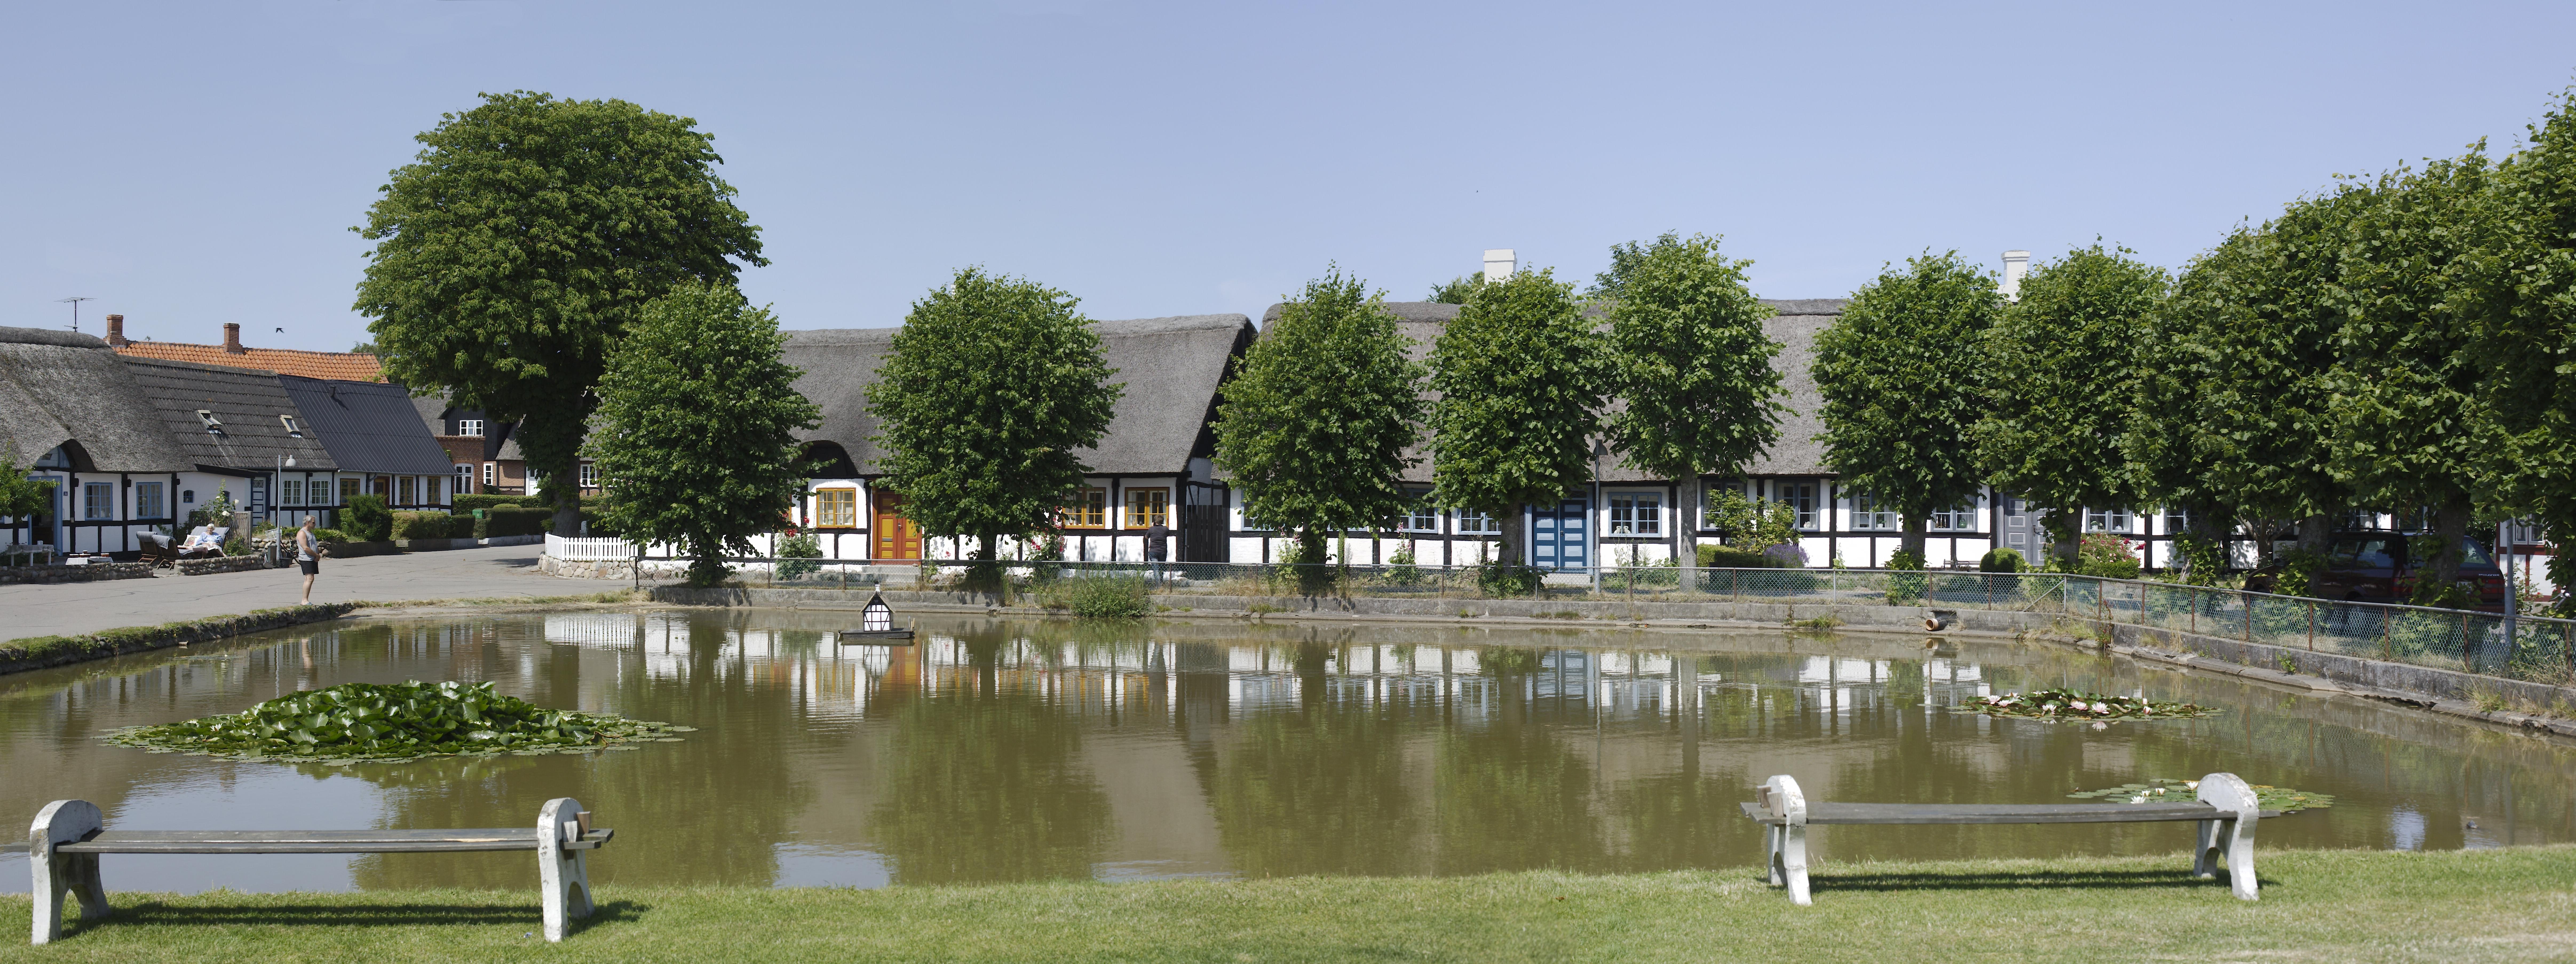 Nordby (Samsø)